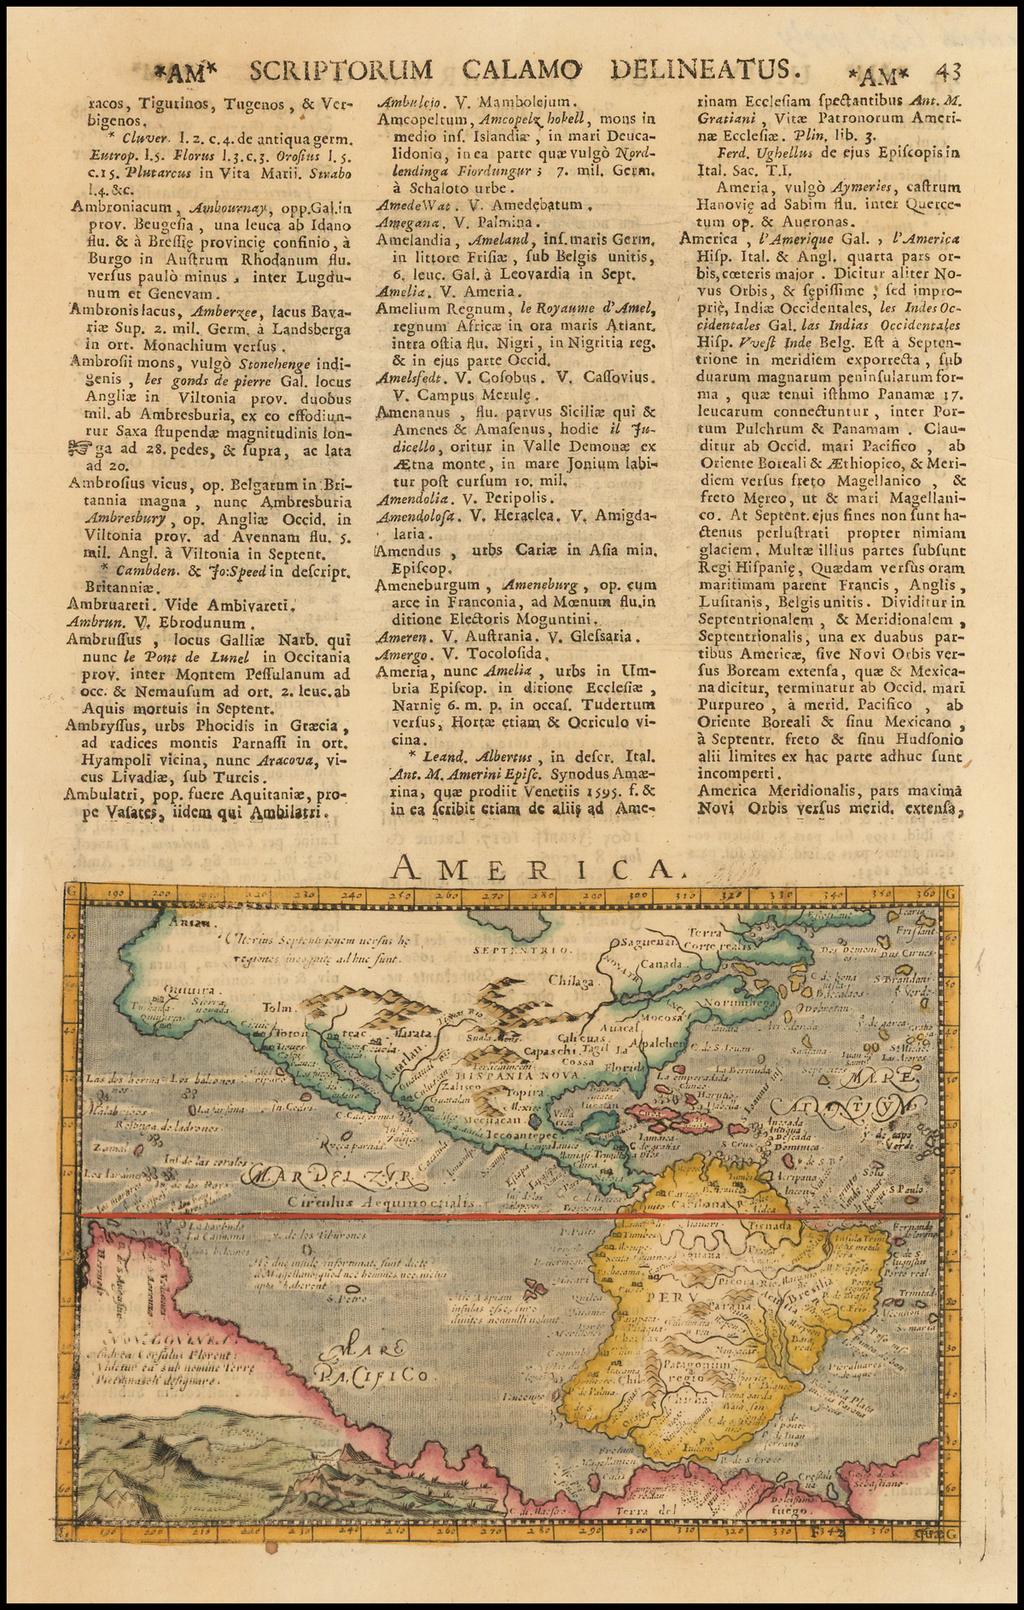 America By Giovanni Antonio Magini